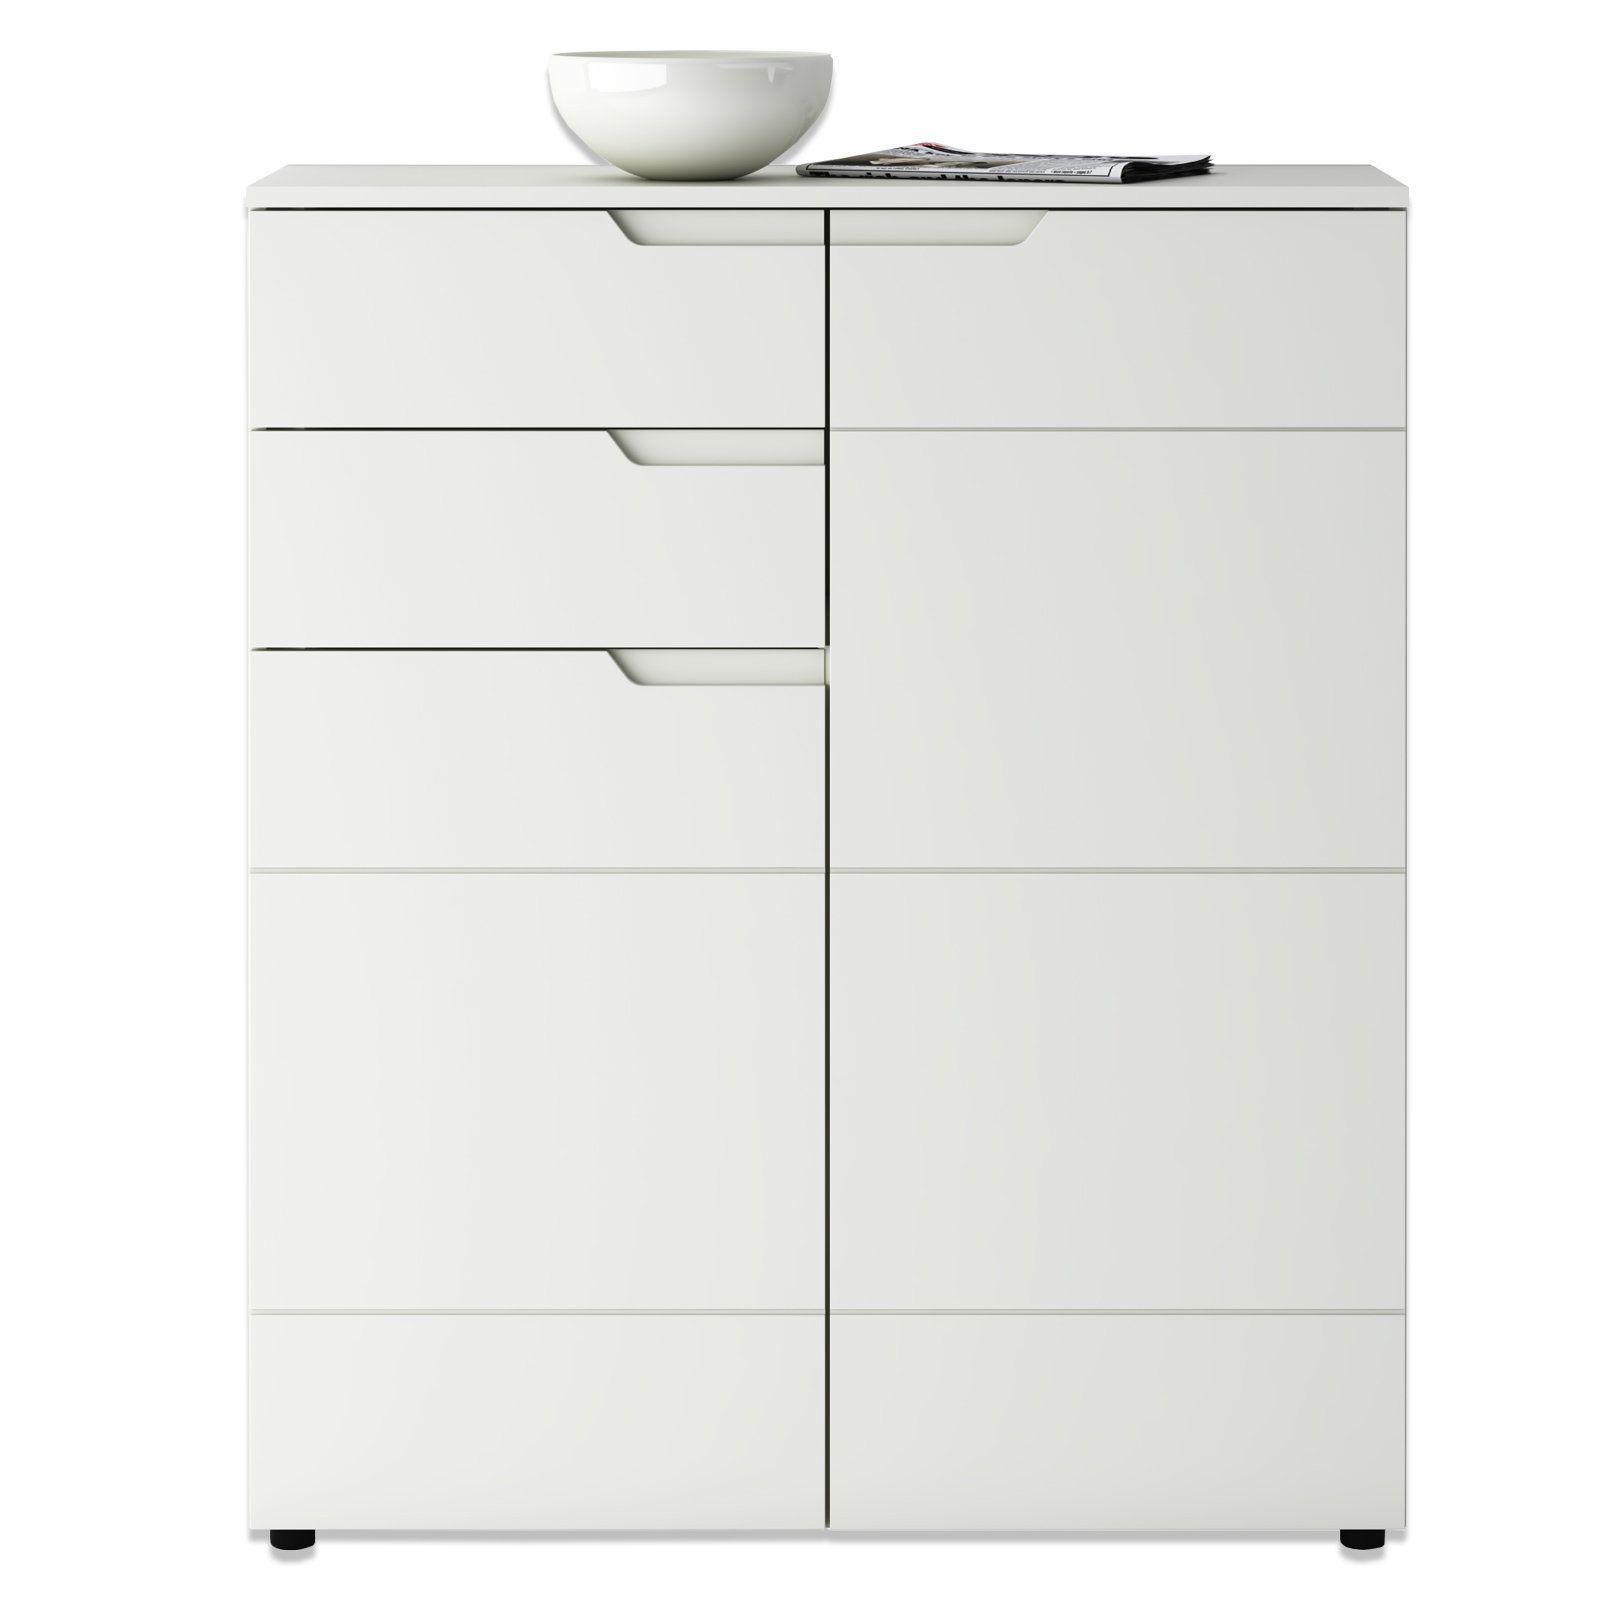 Schau Mal Was Ich Bei Roller Gefunden Habe Kommode Weiss Hochglanz 100x120 Cm Filing Cabinet Decor Storage